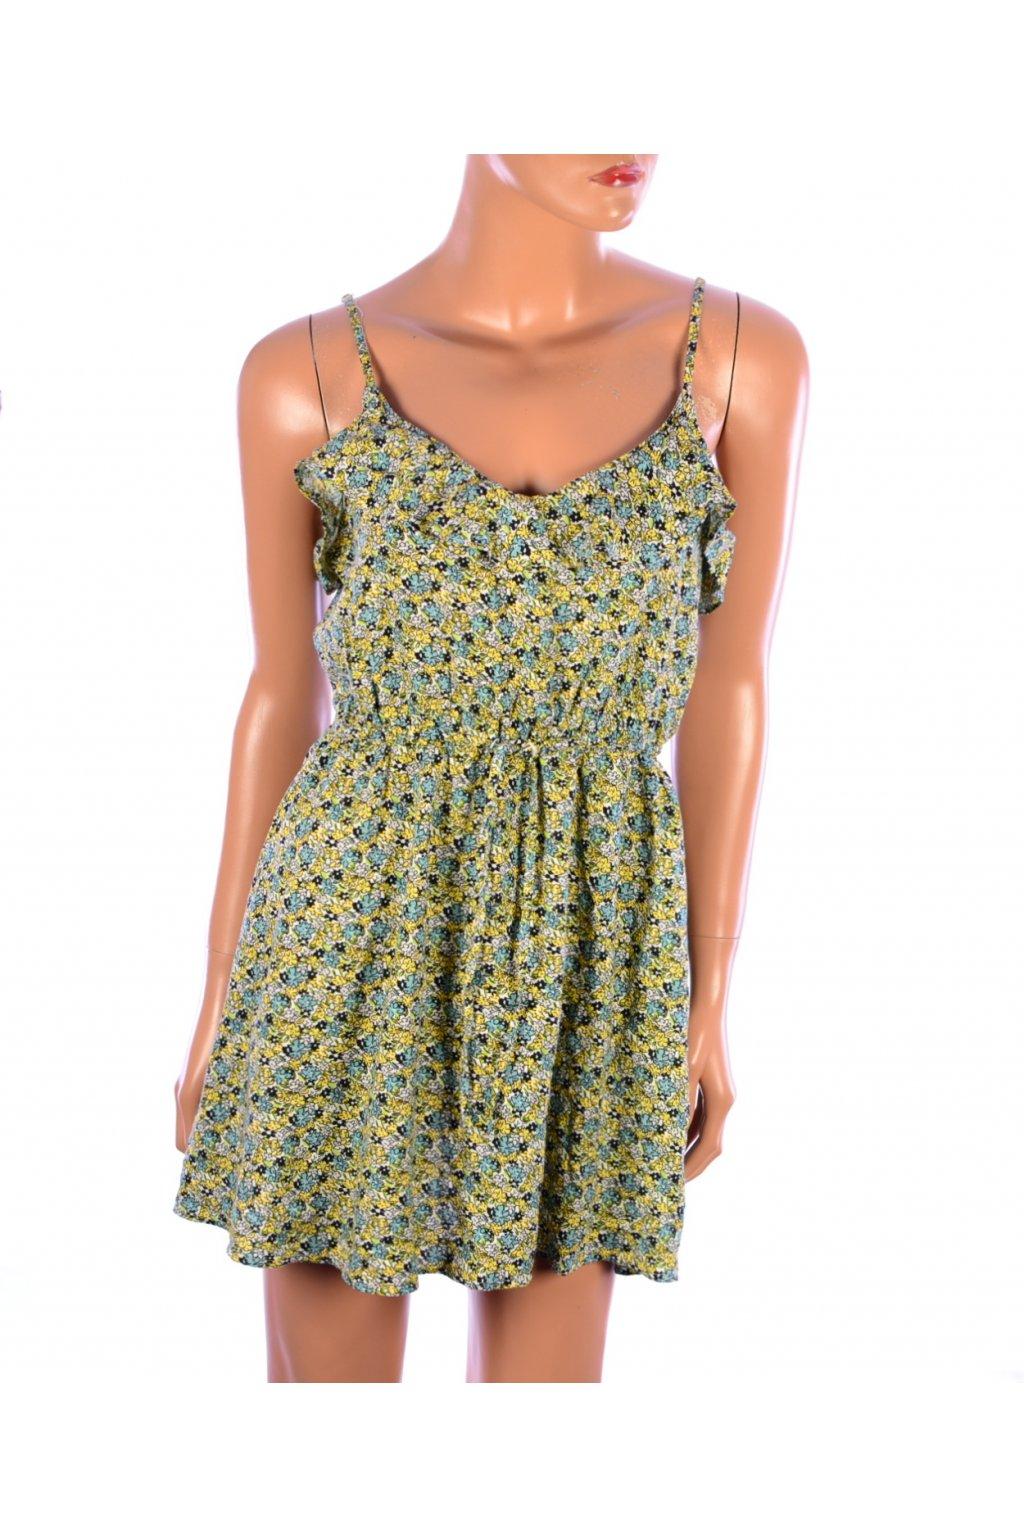 Šaty mini květované na plavky H&M vel. 38 / S